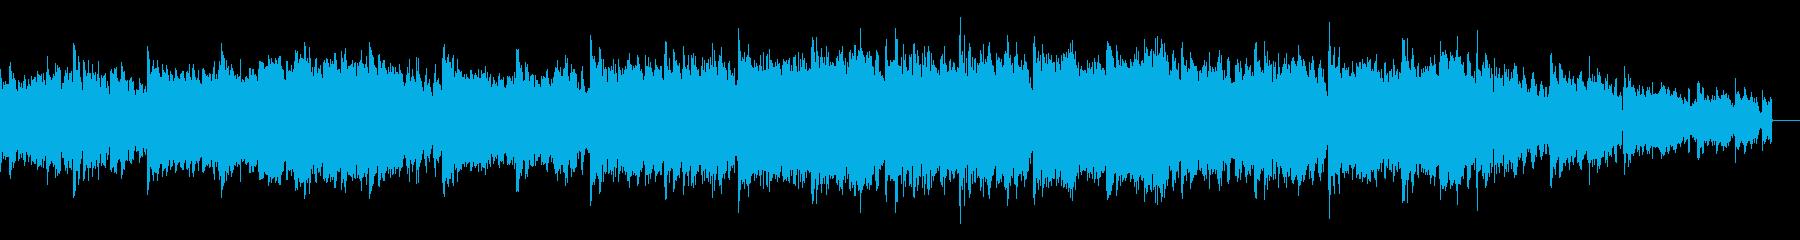 デジノイズによるグリッジエレクトロニカの再生済みの波形